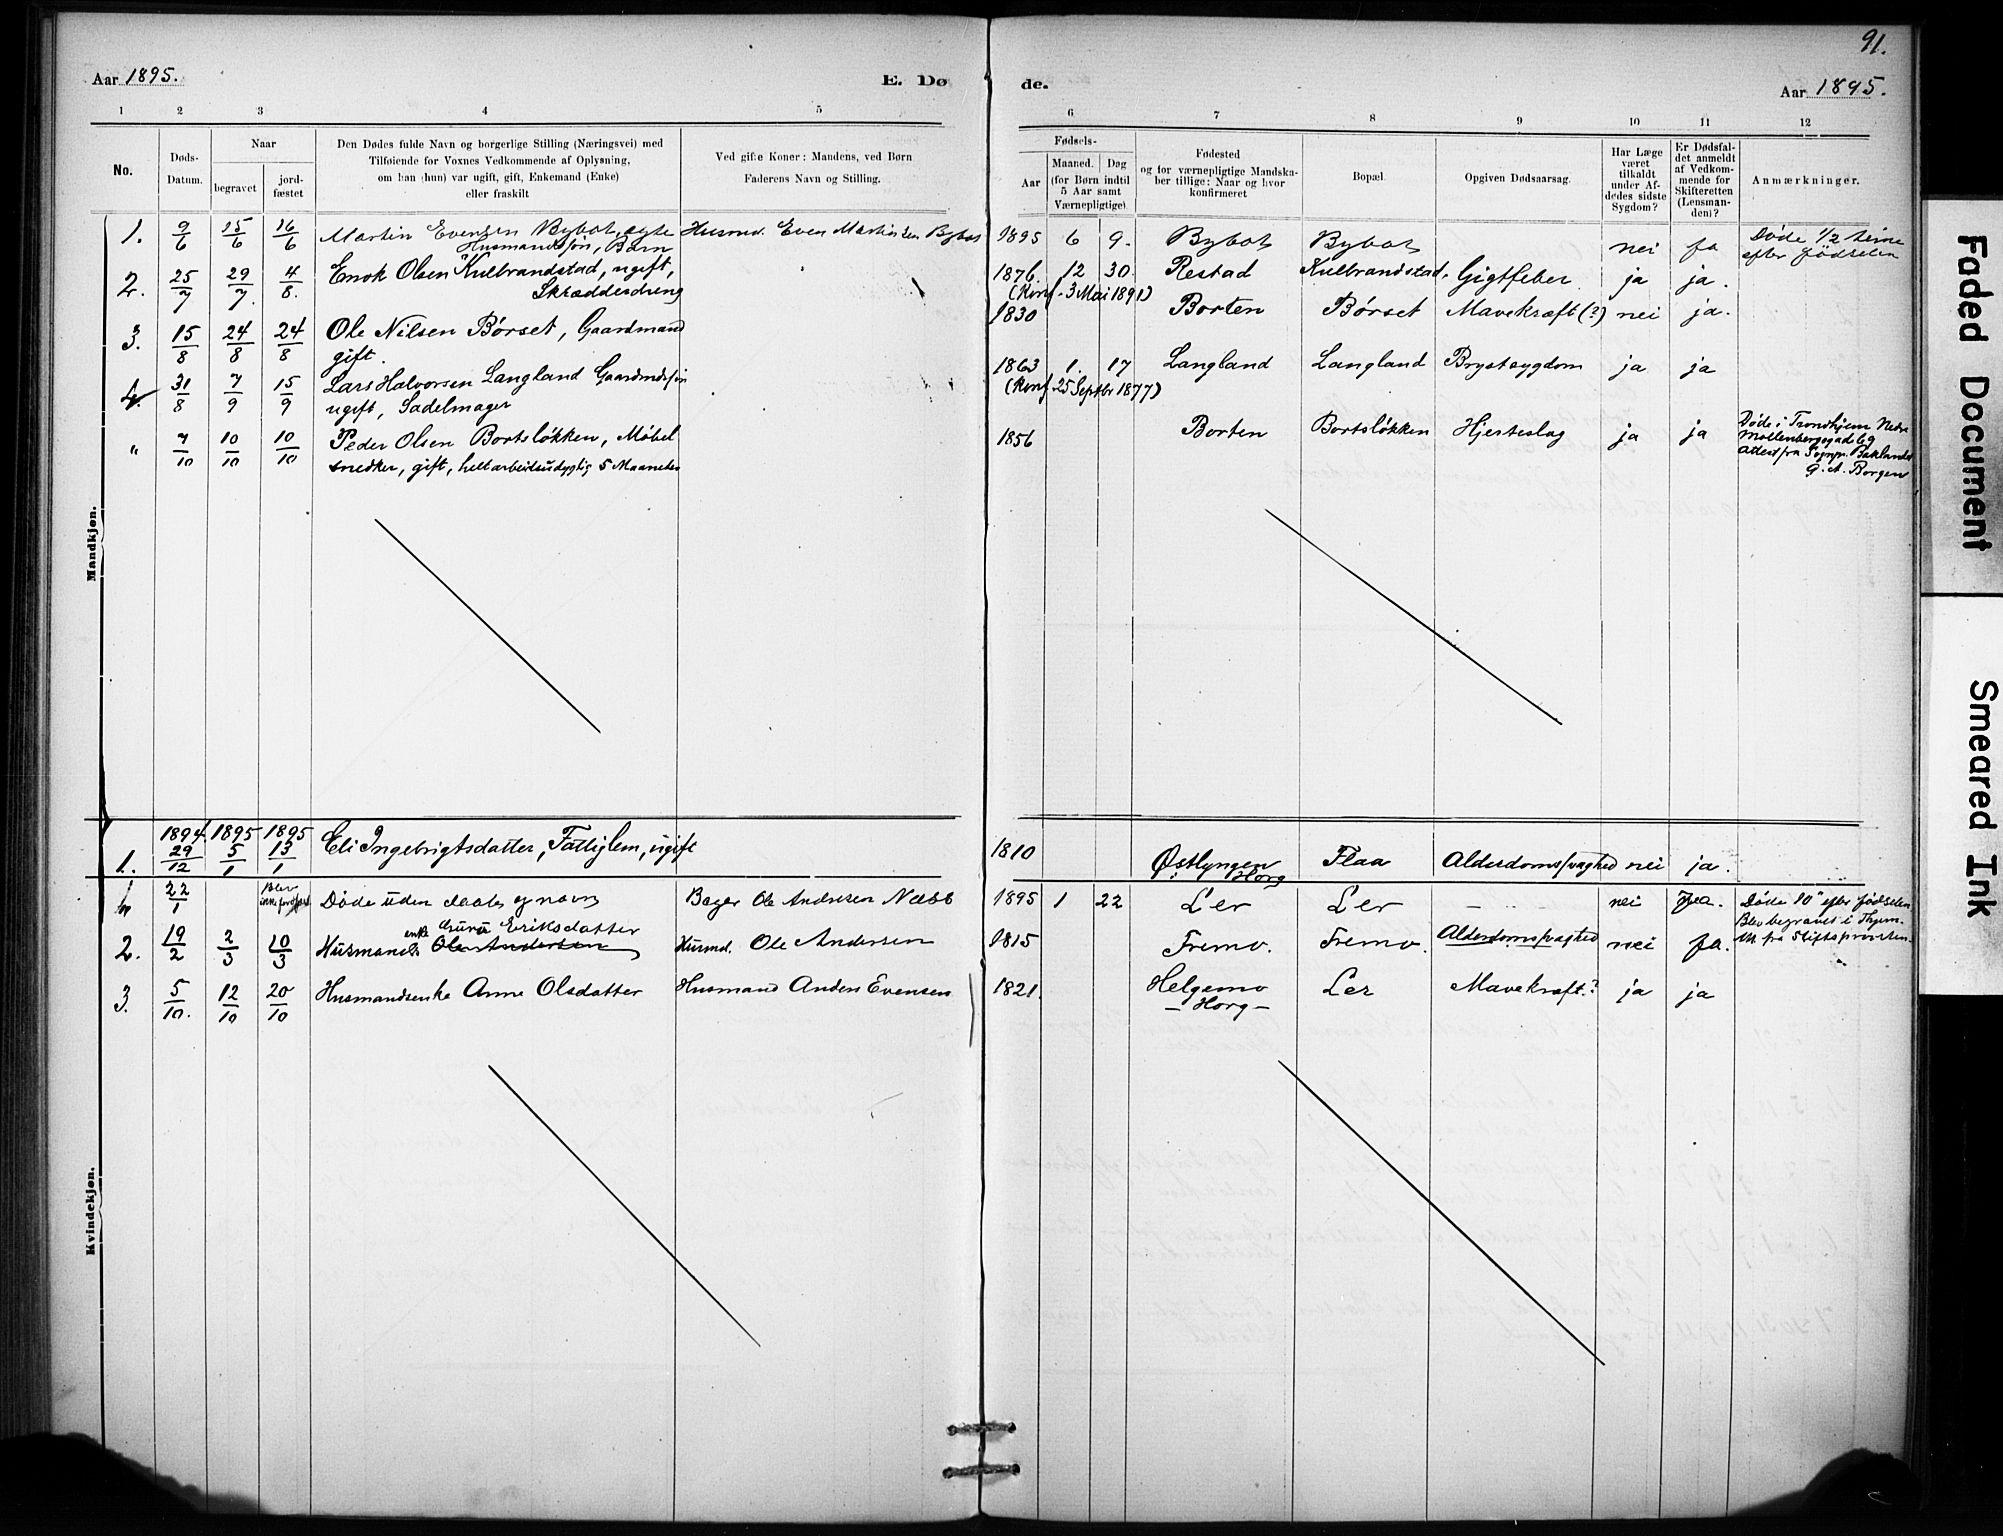 SAT, Ministerialprotokoller, klokkerbøker og fødselsregistre - Sør-Trøndelag, 693/L1119: Ministerialbok nr. 693A01, 1887-1905, s. 91